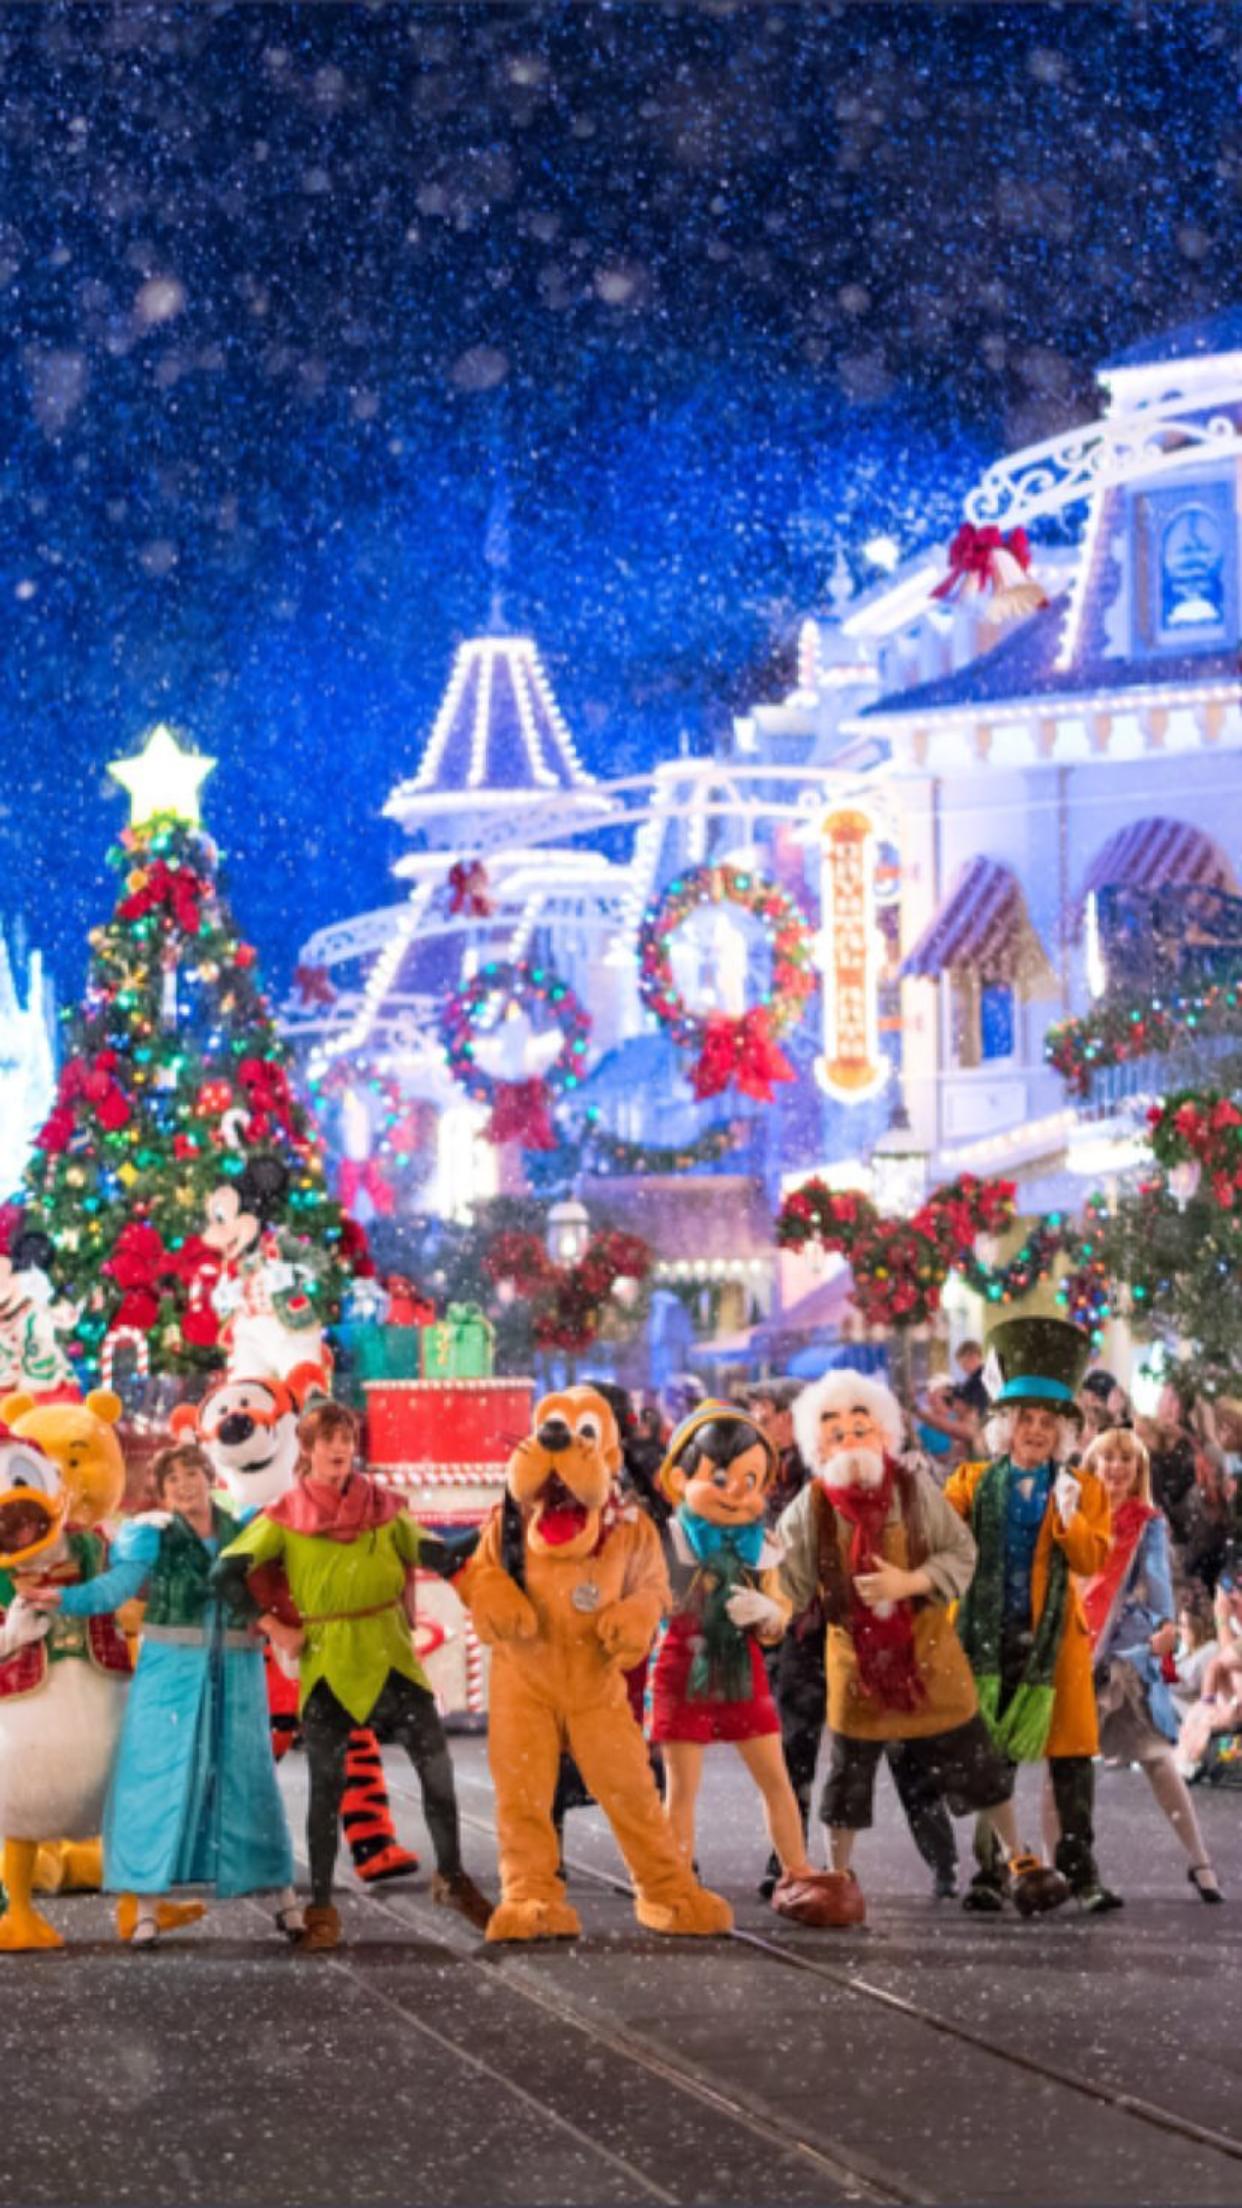 Mickey S Very Merry Christmas Parade Christmas Parade Very Merry Christmas Parades